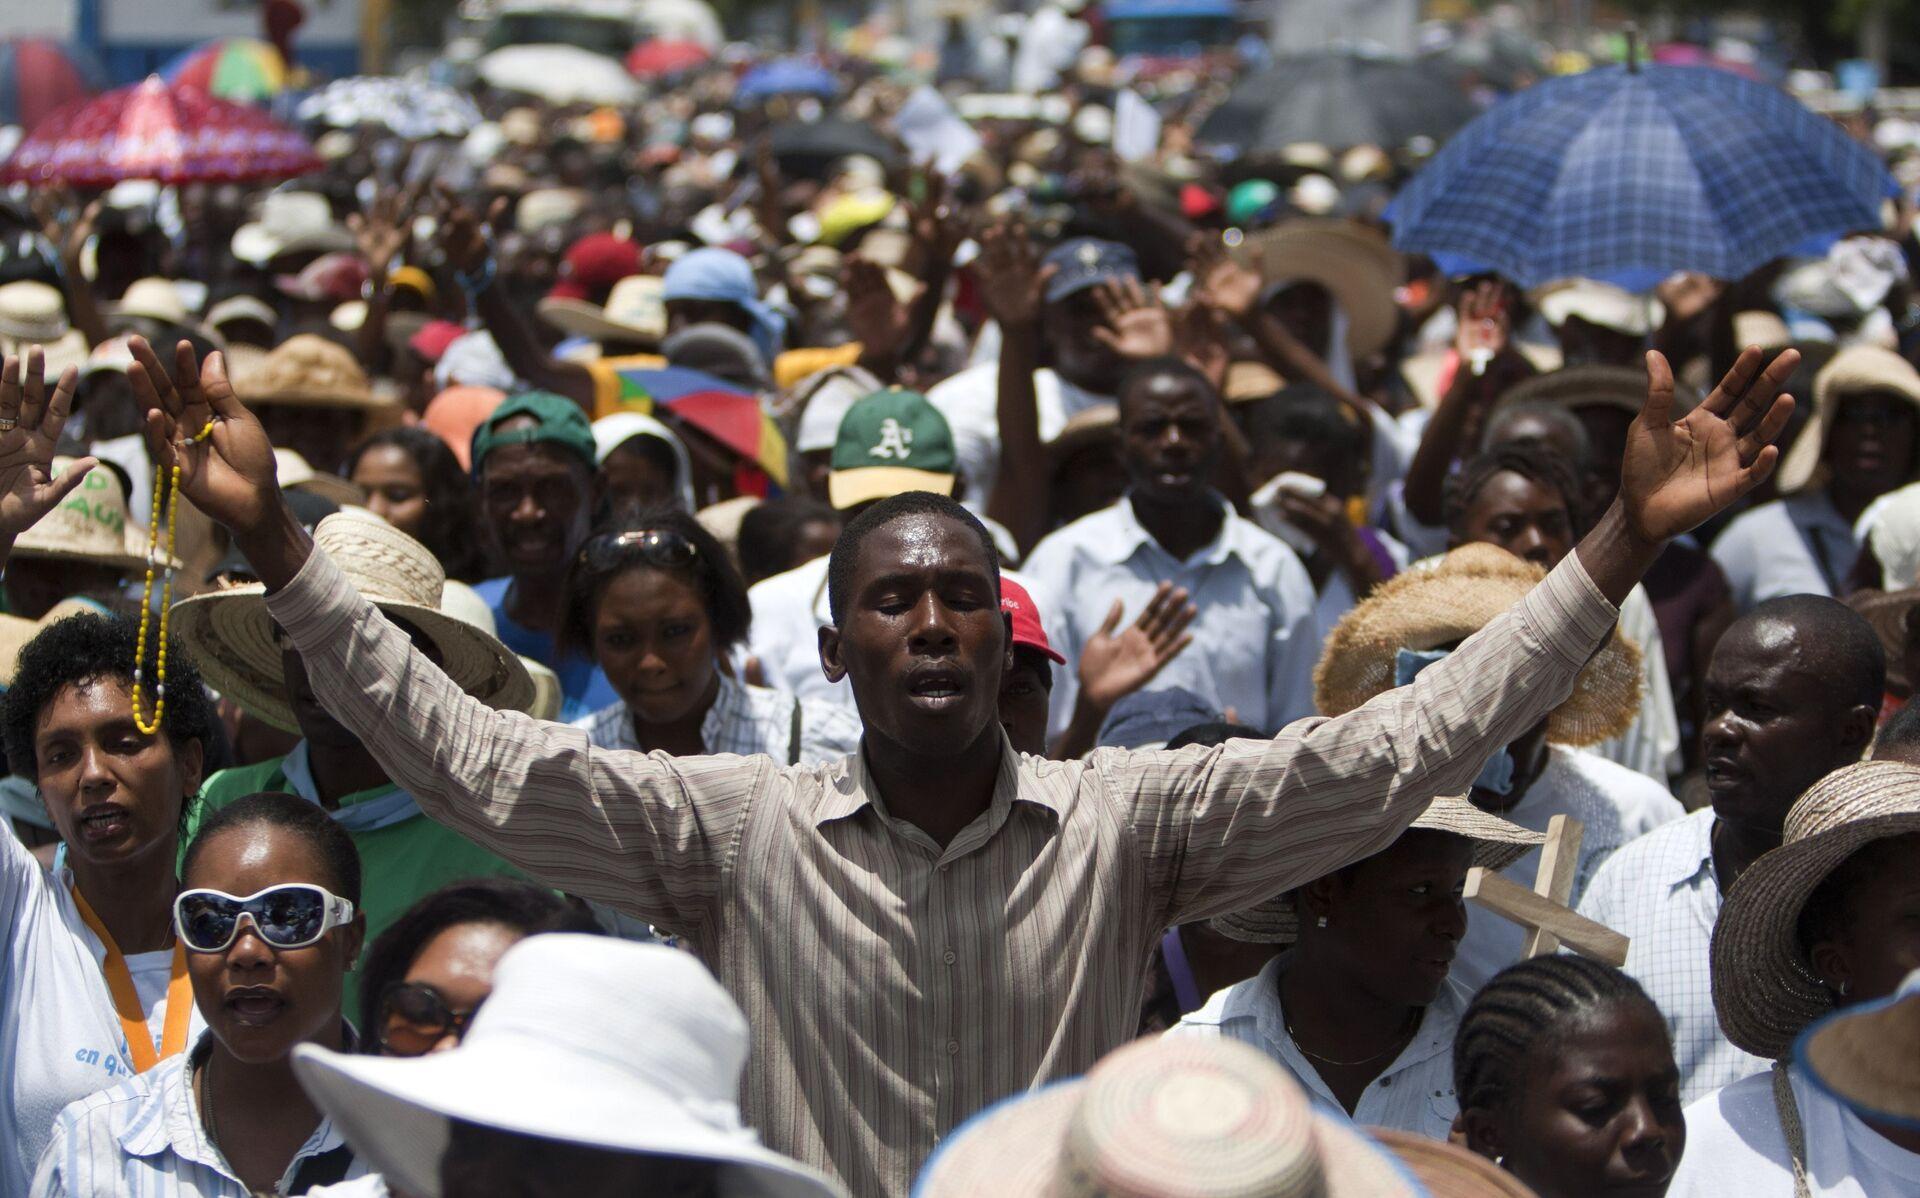 Празднование католической Страстной пятницы в Гаити. 2014 год - РИА Новости, 1920, 13.04.2021